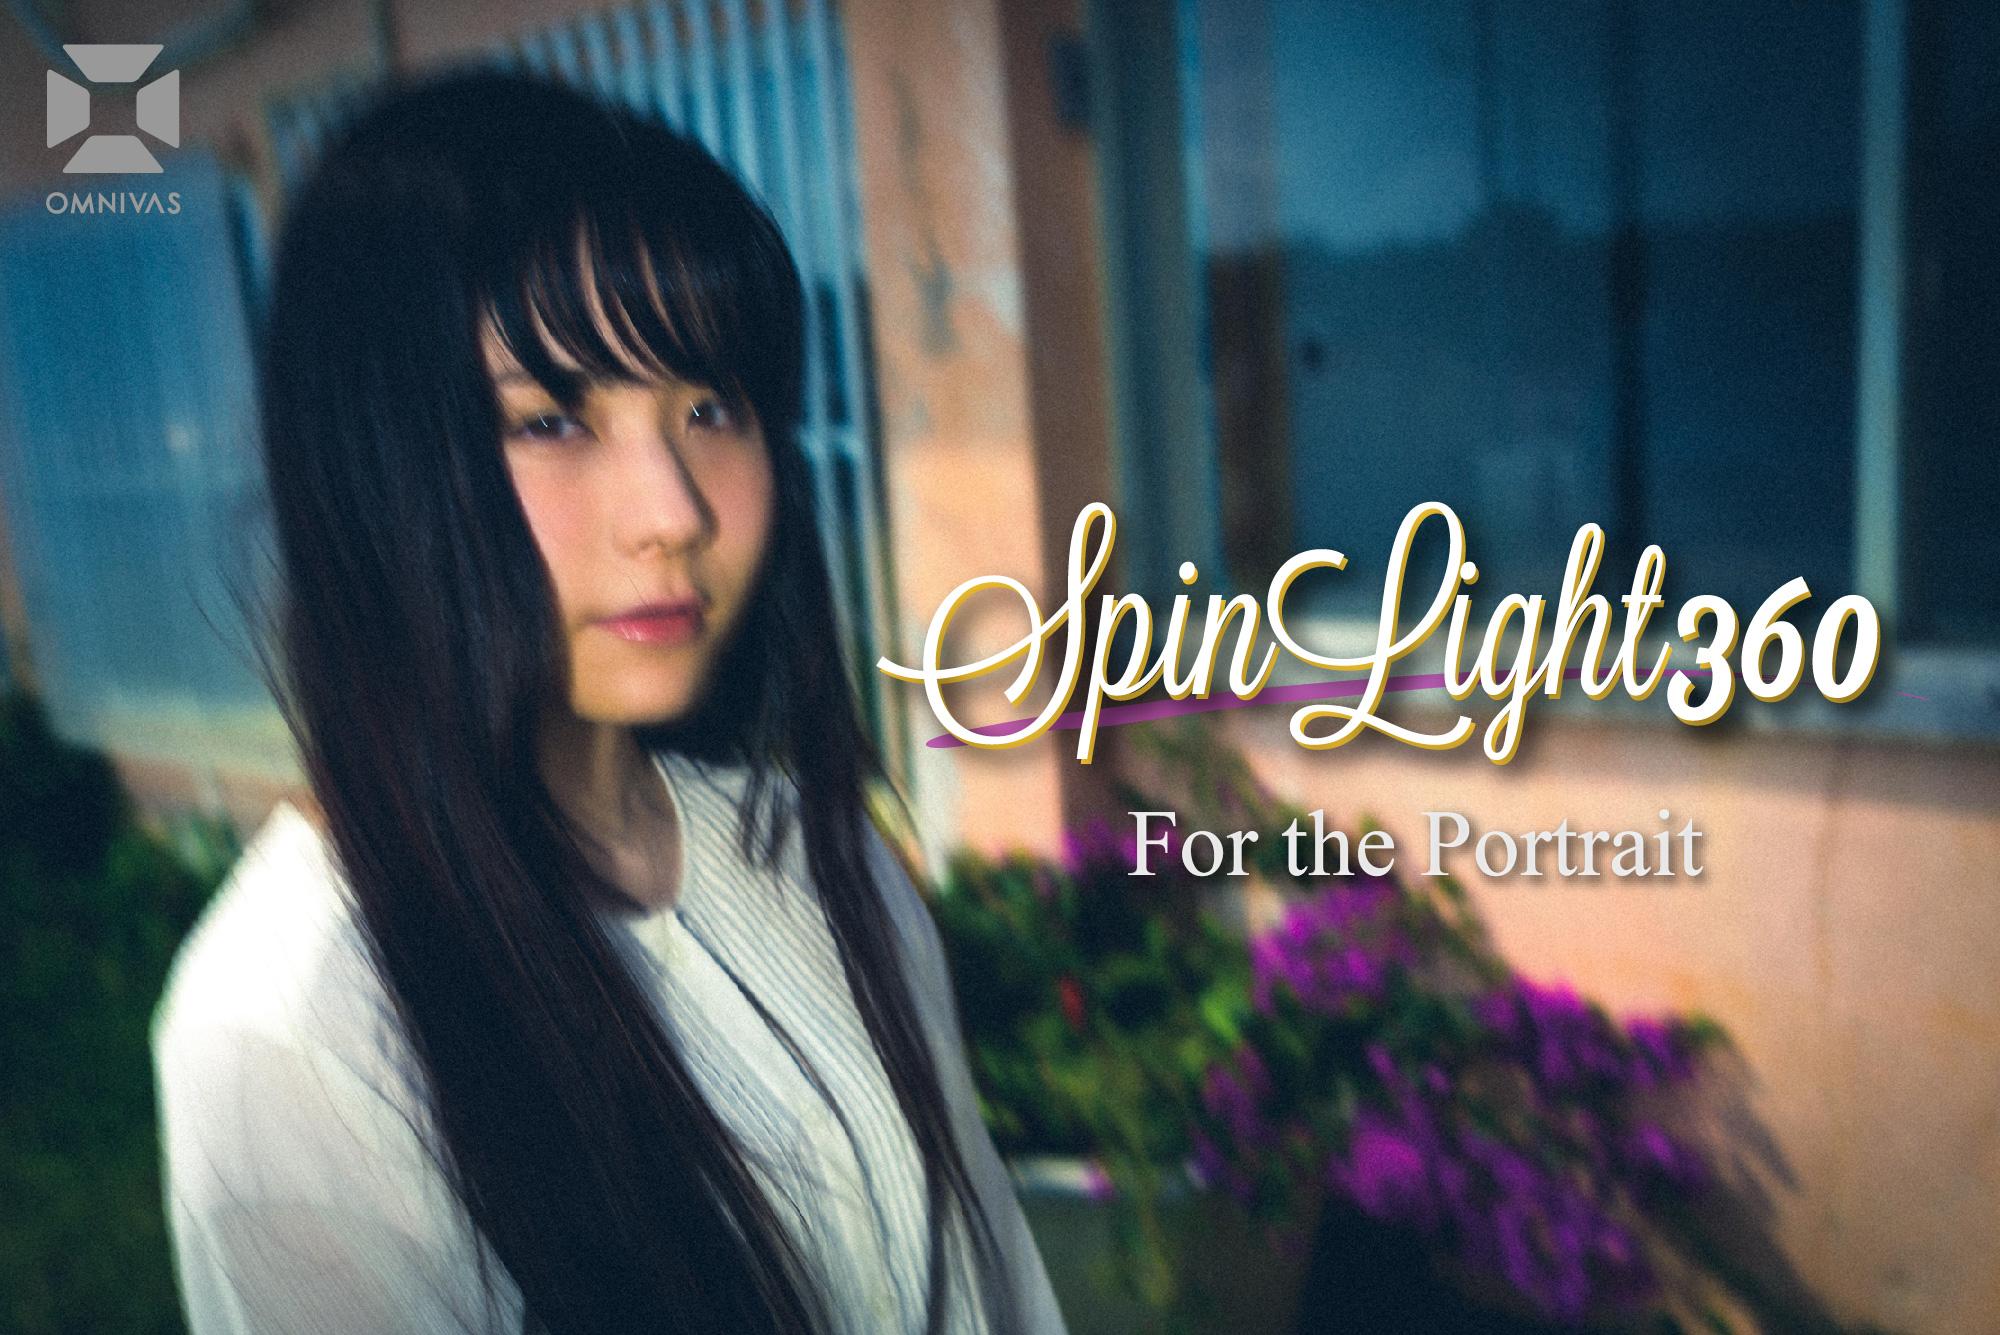 【自然光と仲良く】クリップオンストロボでポートレート屋外ロケ【SPINLIGHT360】